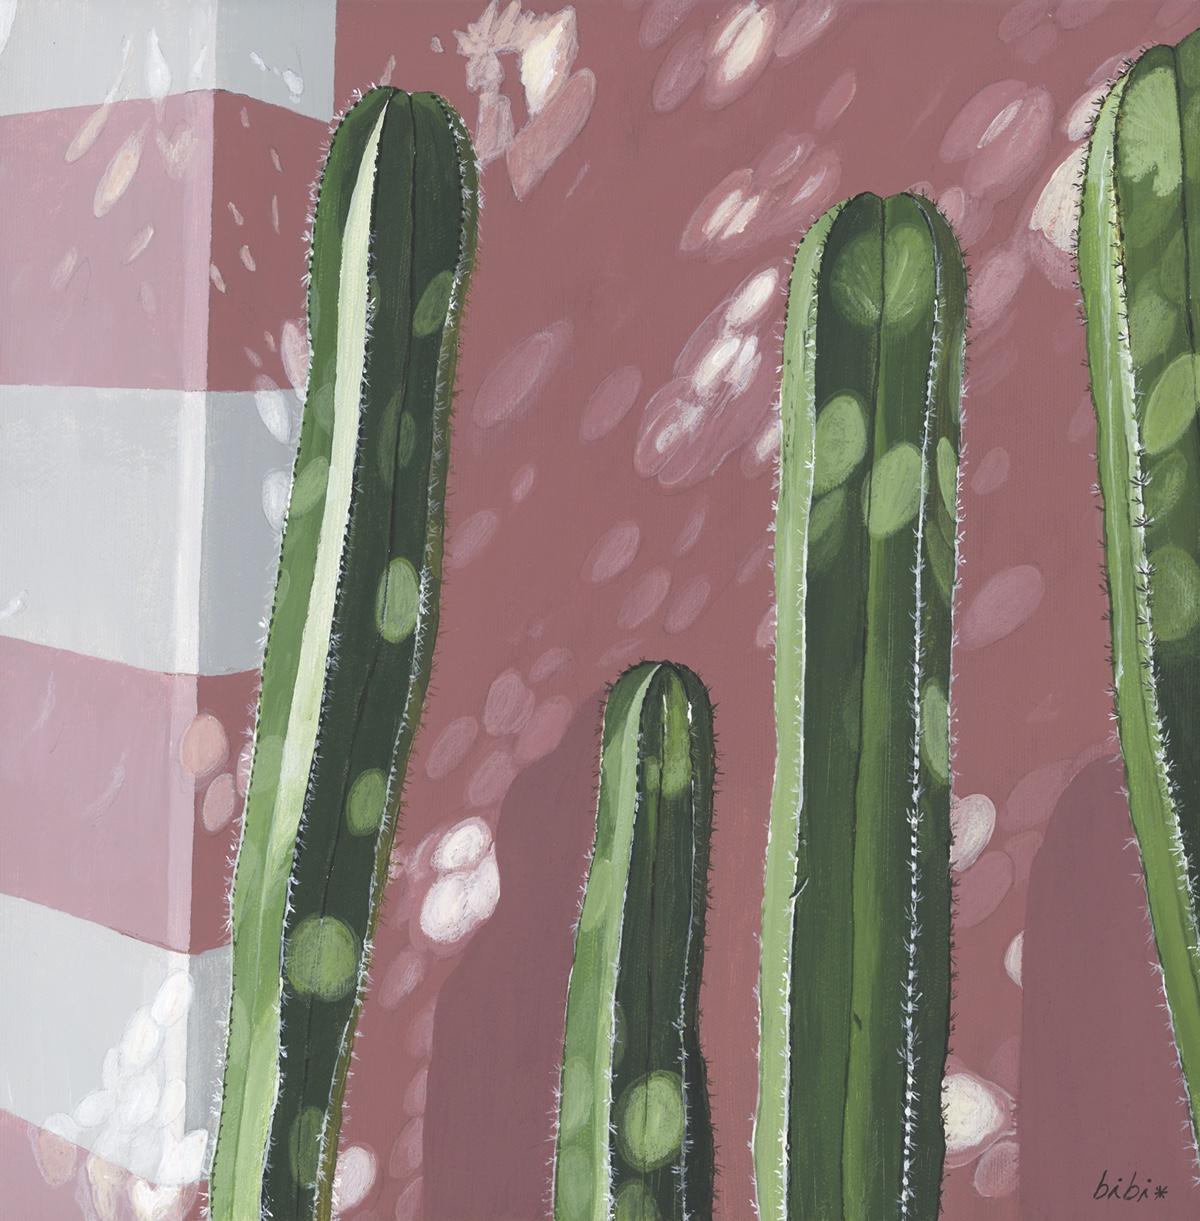 quatre cactus